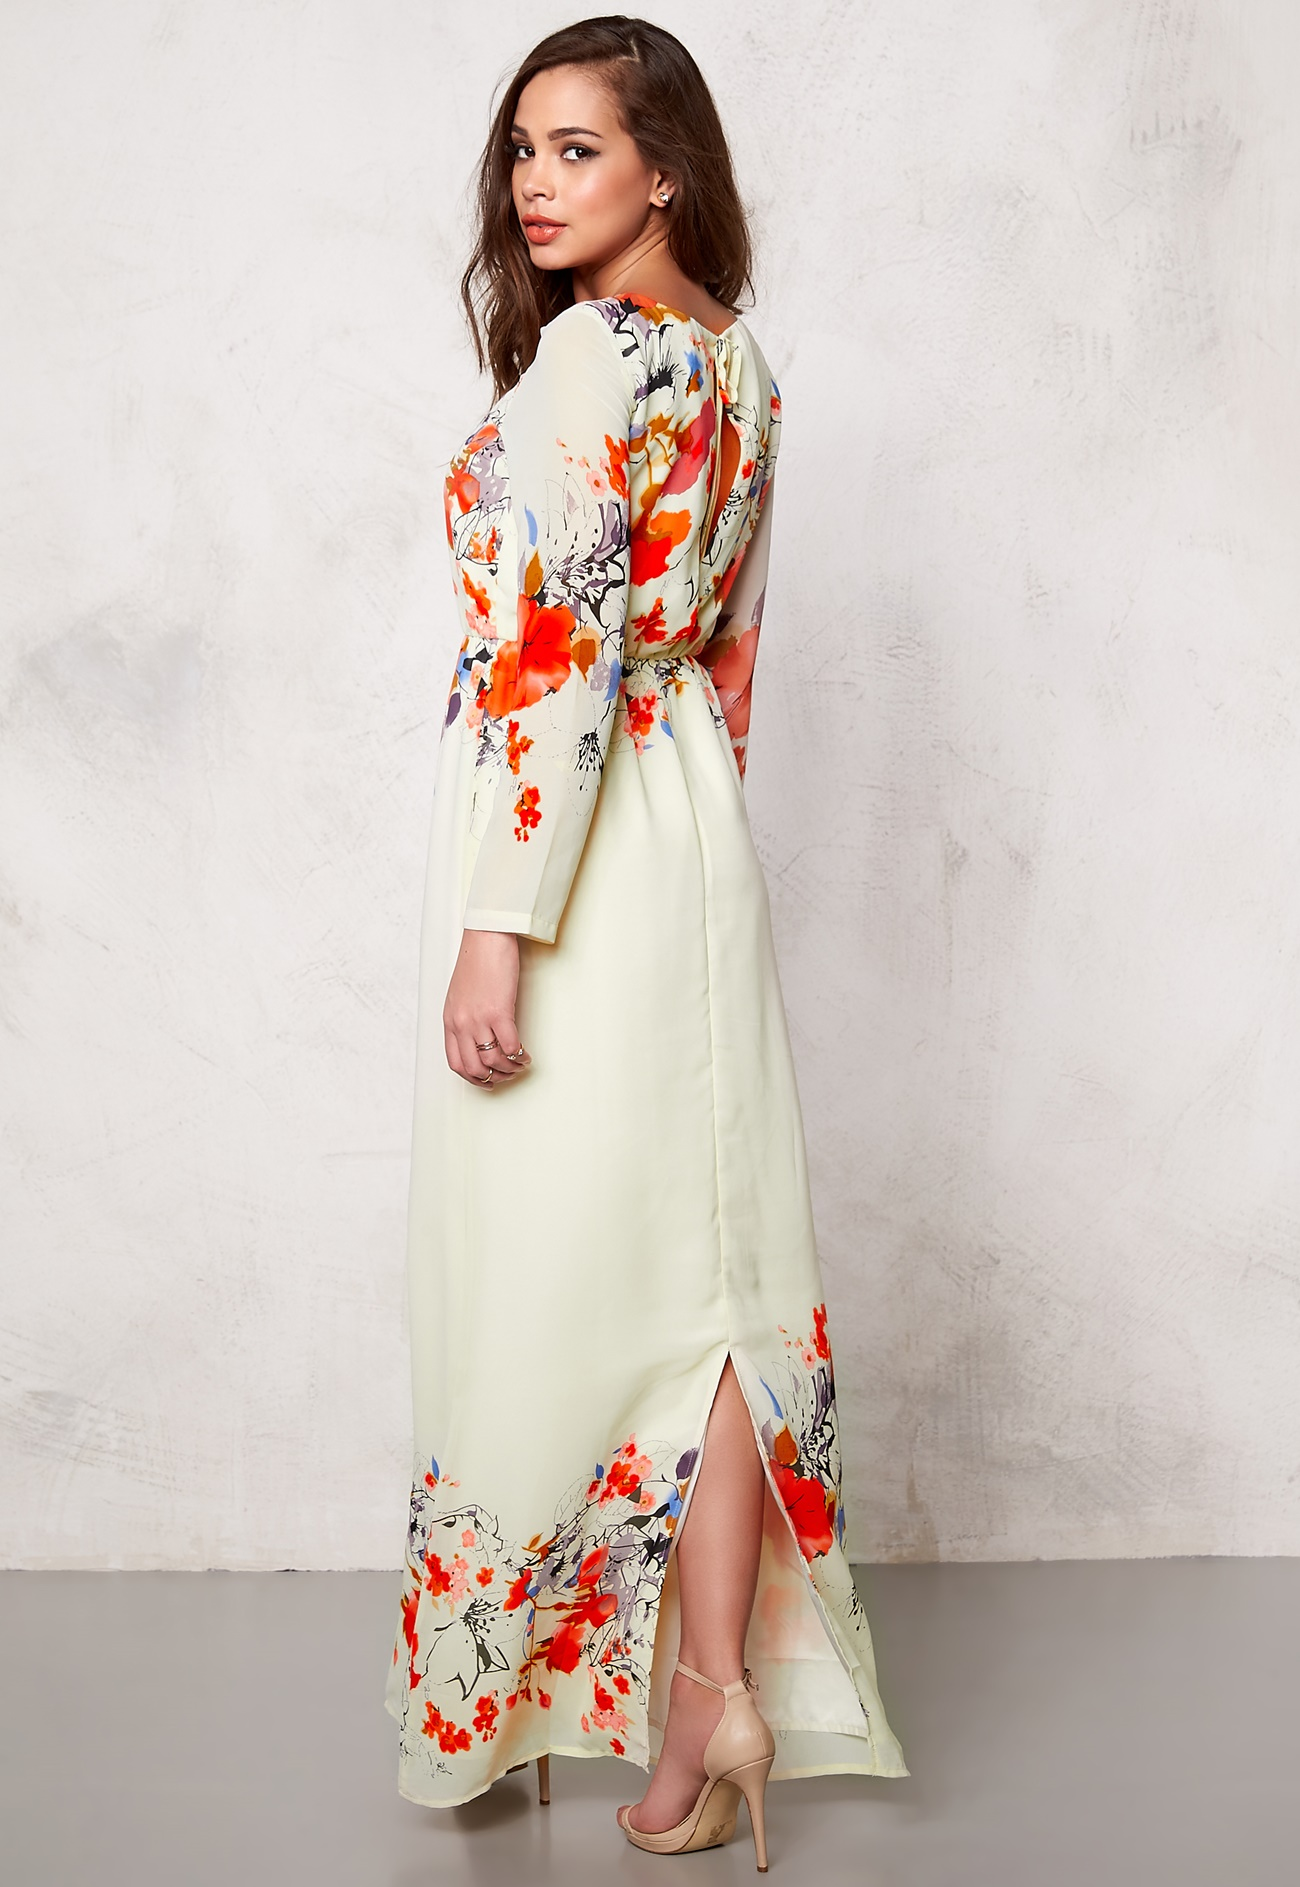 Bjuden på bröllop i sommar  25 snygga och somriga outfits för dig ... d13929510e75b